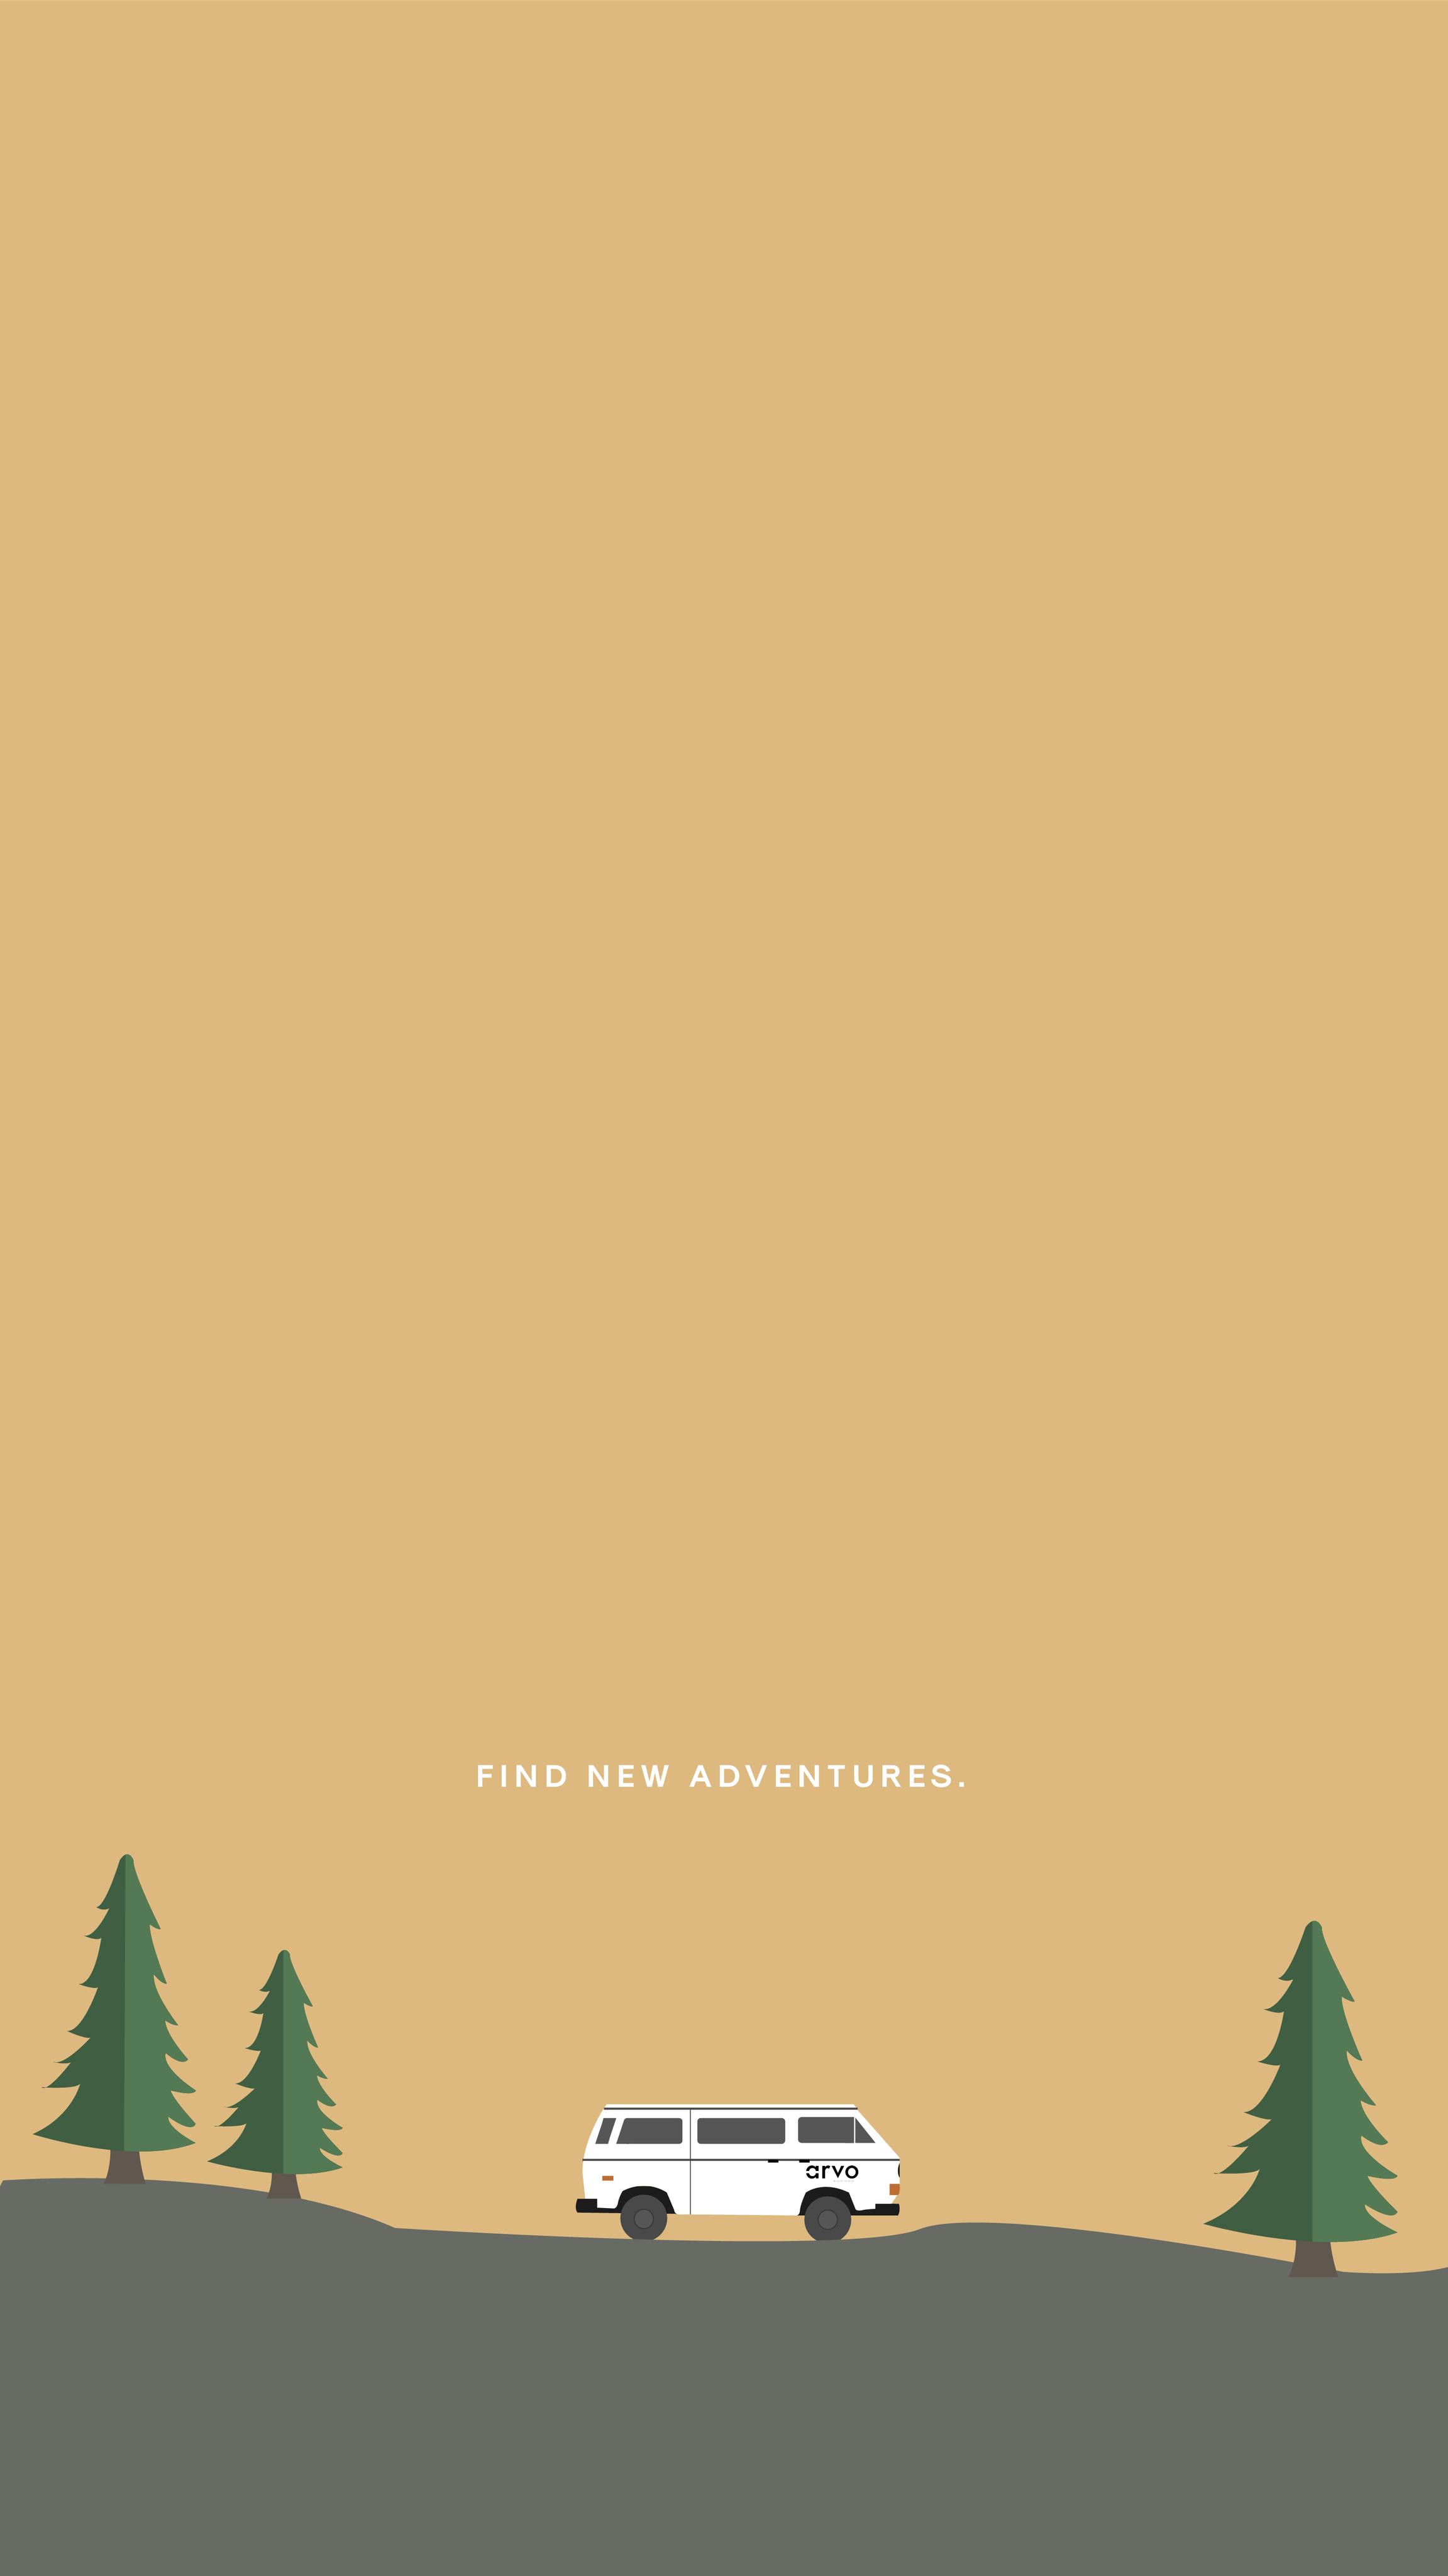 Arvowear Adventure Camping Summer Forest Van Arvovan Seeker Cruiser Trip Vacation Iphone Wallpaper Quotes Wallpaper Iphone Quotes Cute Wallpapers